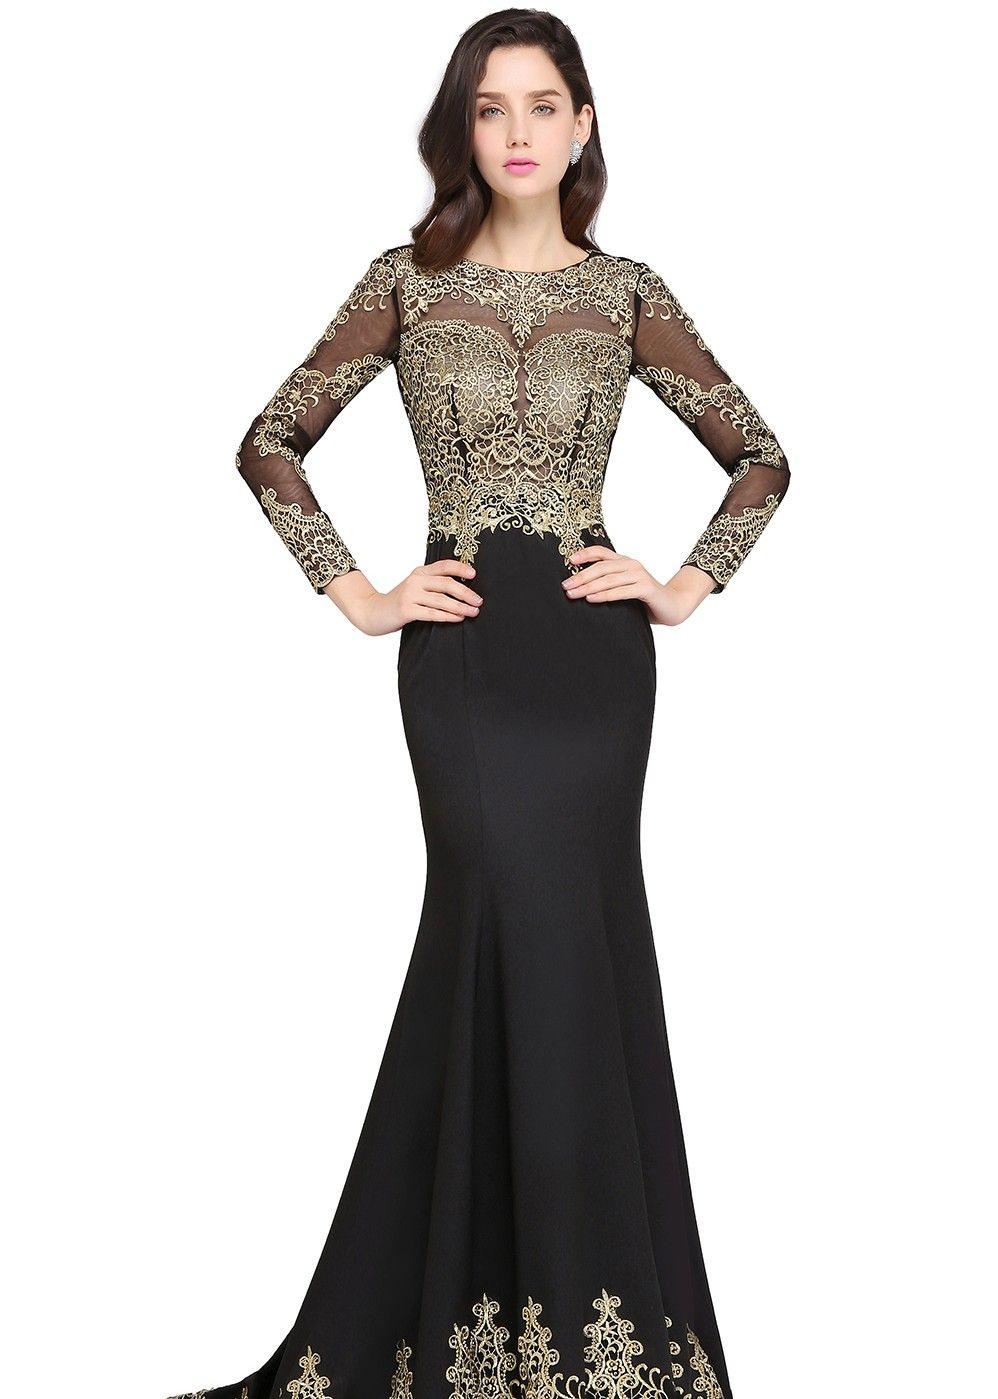 20 Fantastisch Abendkleider X Figur BoutiqueFormal Elegant Abendkleider X Figur Spezialgebiet